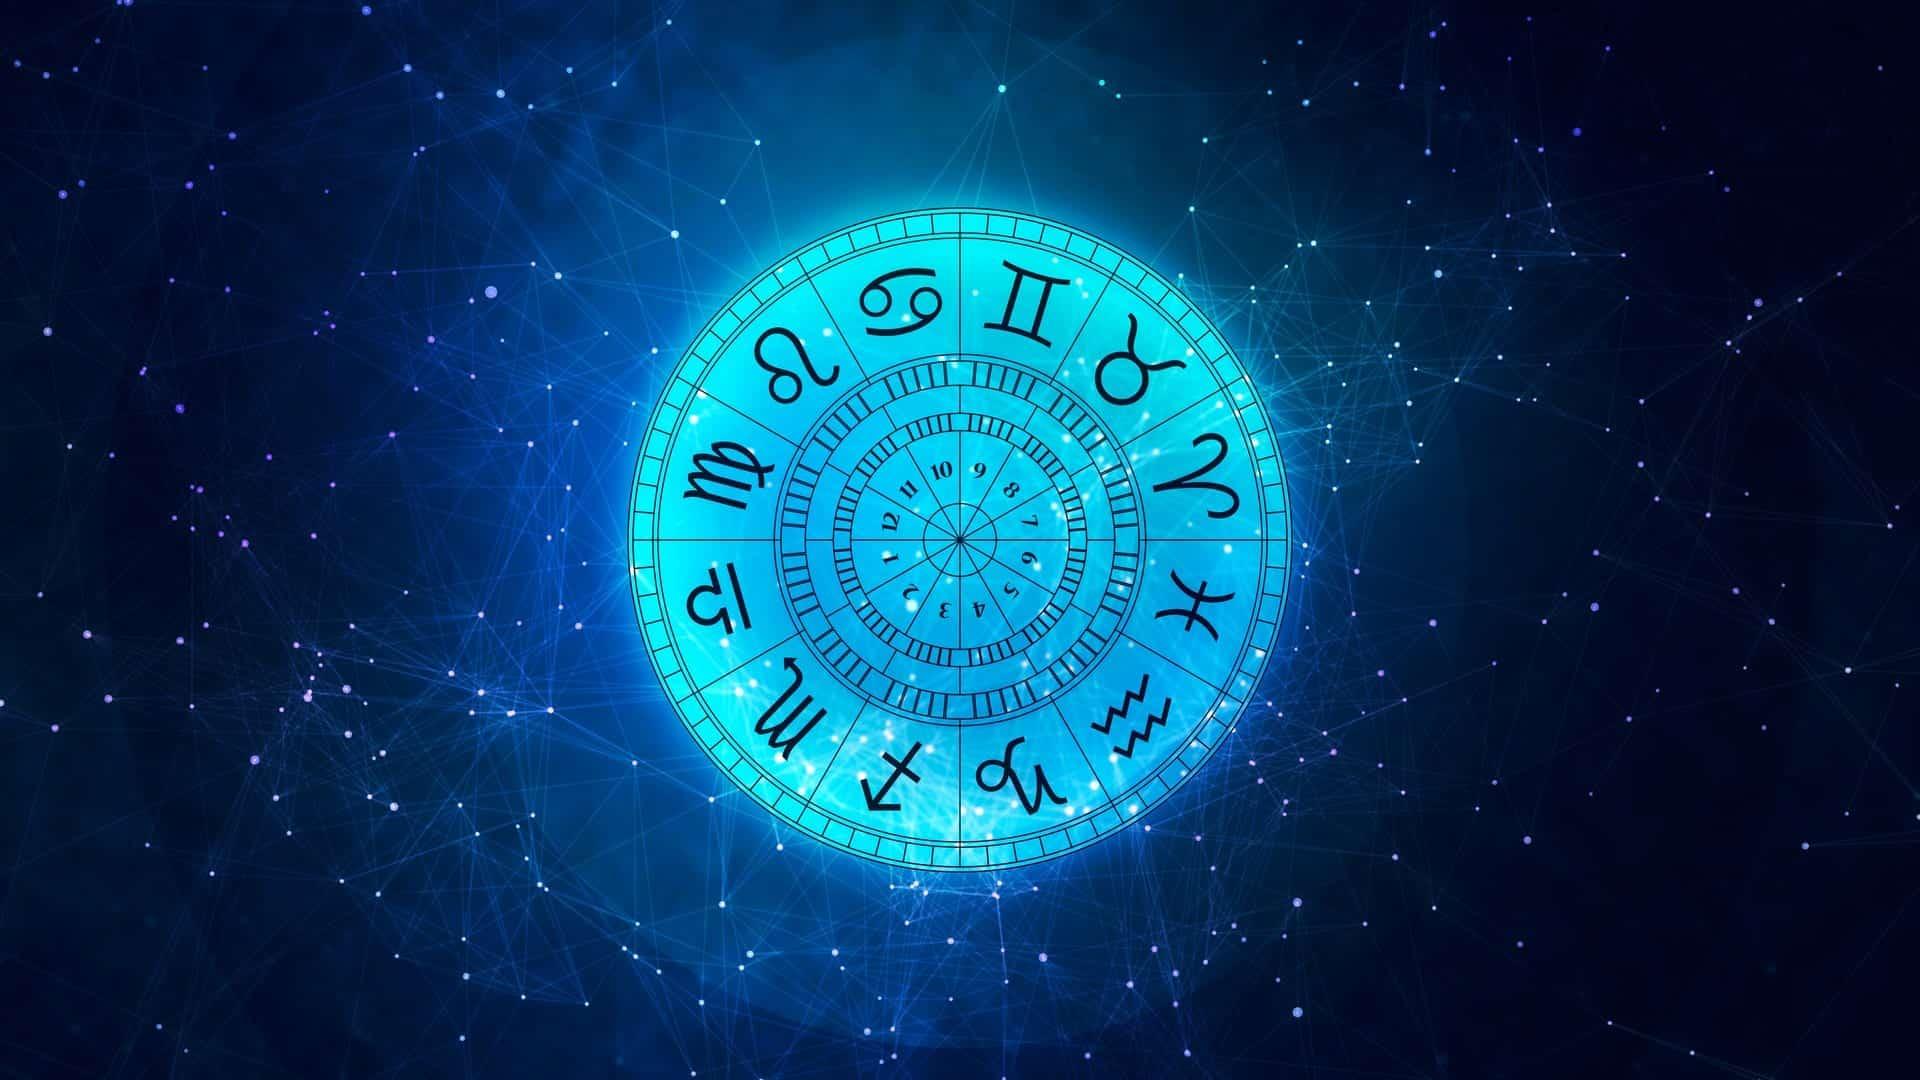 Signos do zodíaco - Quais são e suas principais características